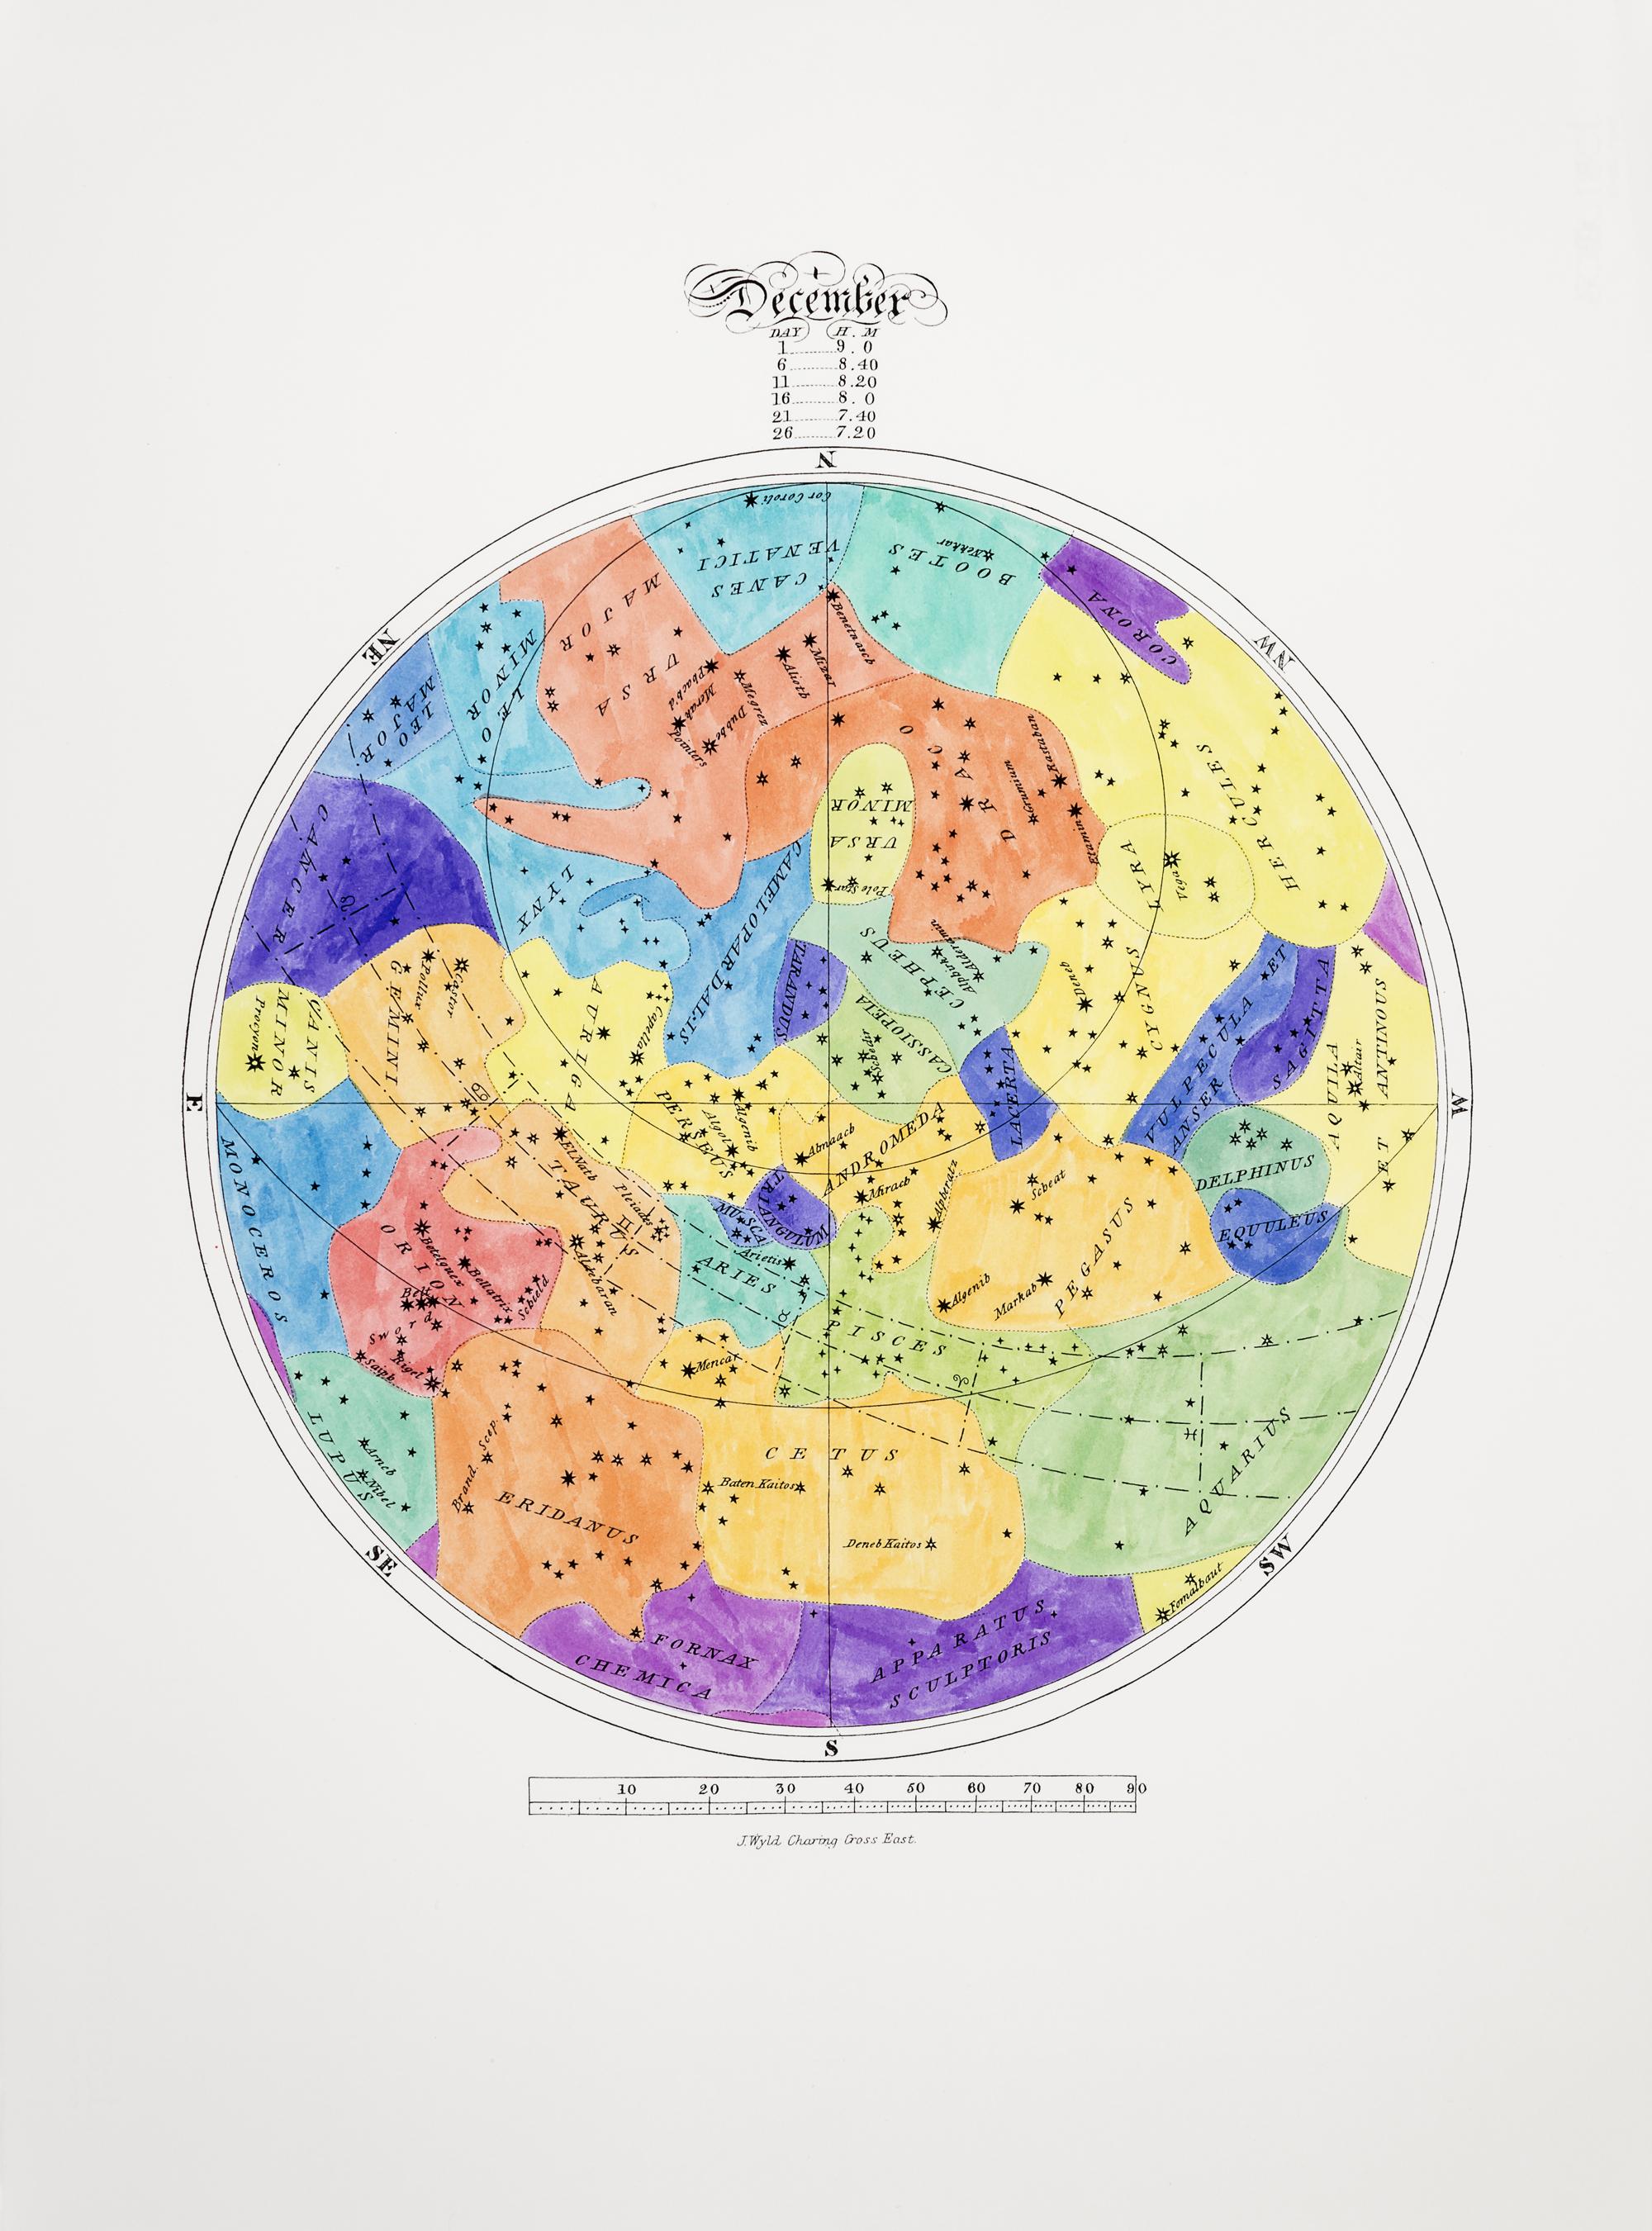 Star Value December small.jpg